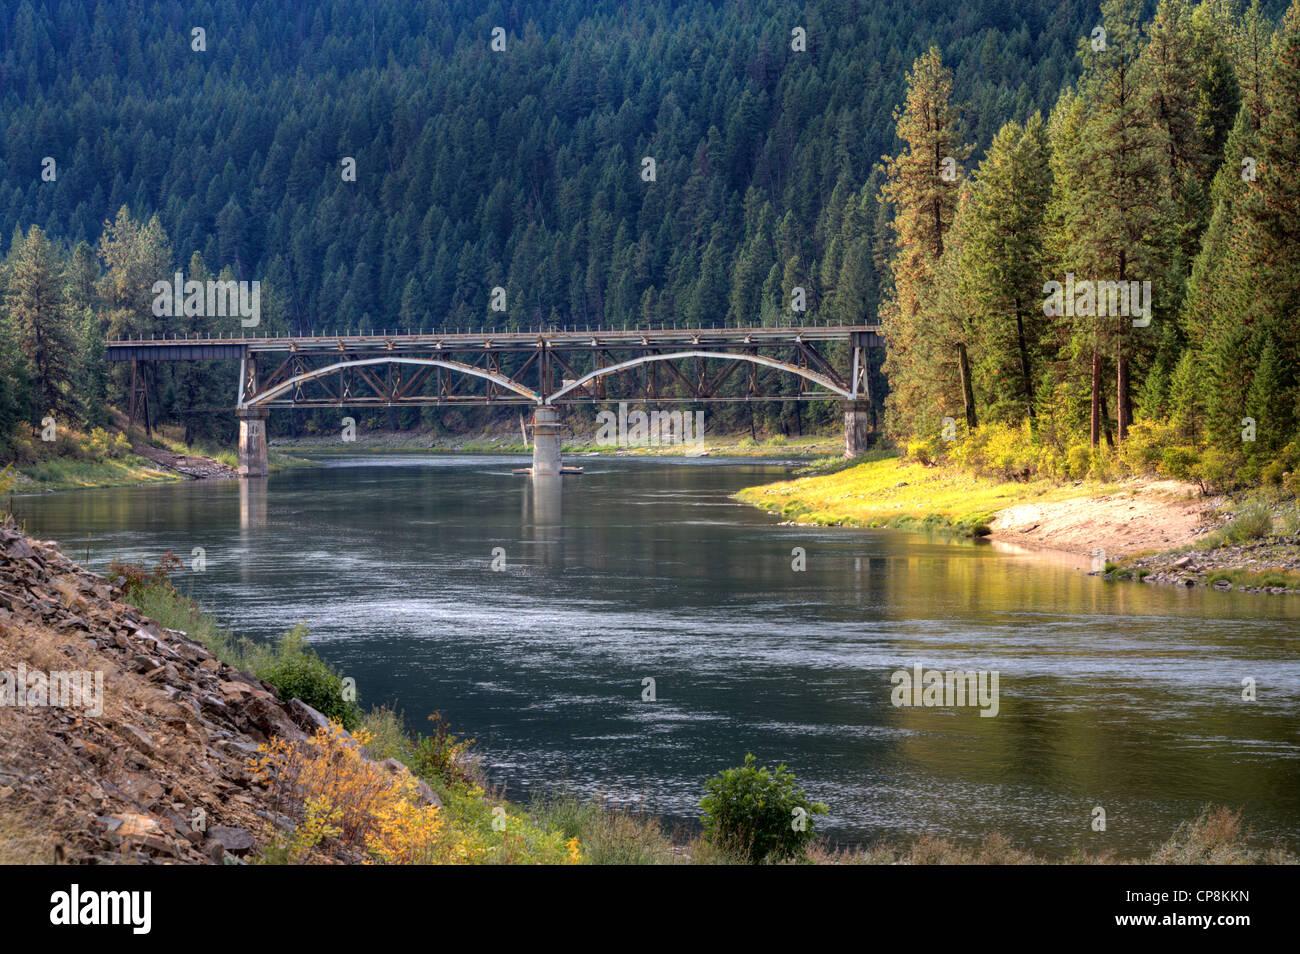 Un puente en la distancia se extiende sobre el río Flathead en Montana. Imagen De Stock